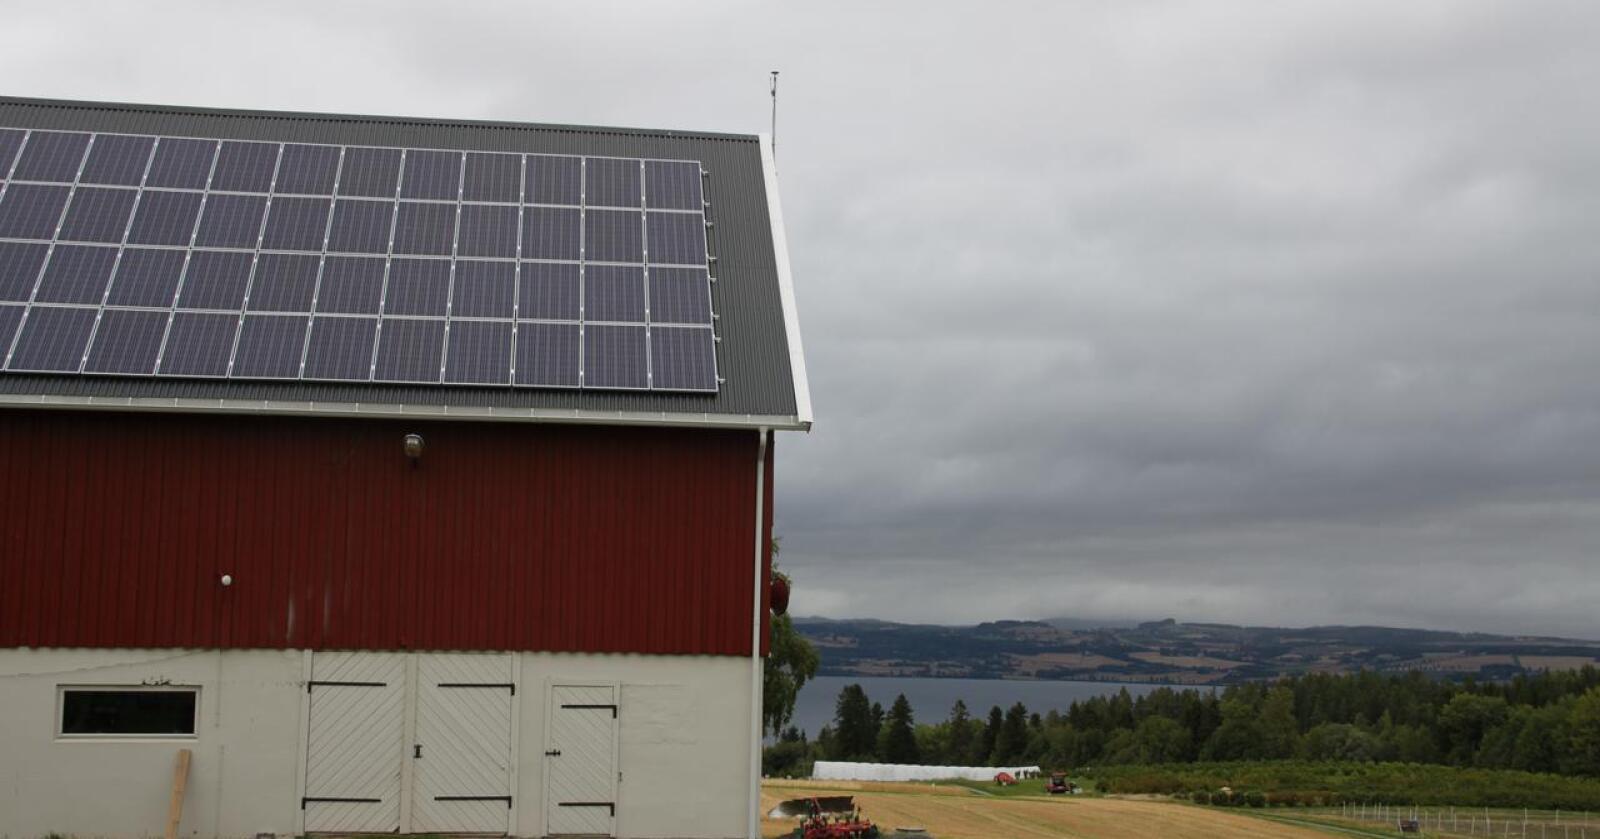 Tilrettelegging av egenproduksjon av energi er et av tiltakene organisasjonene har sett på. Foto: Lars Bilit Hagen